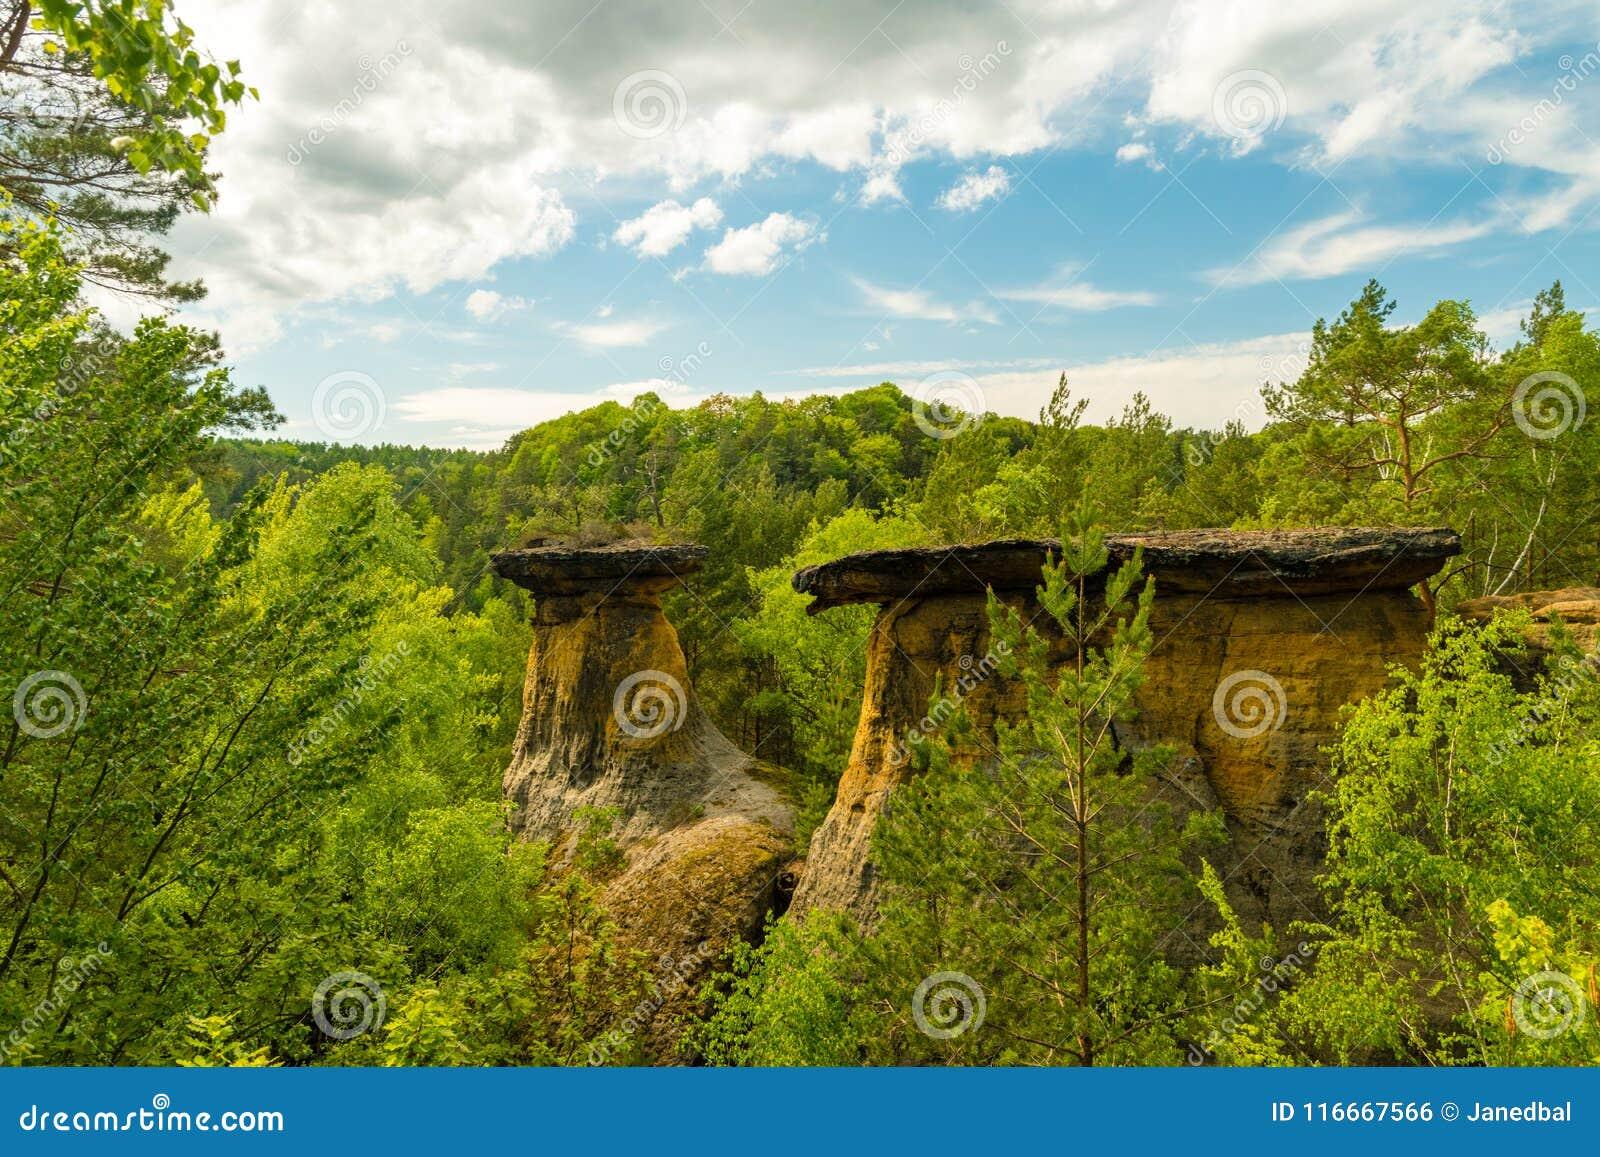 Утесы песчаника Poklicky, Kokorinsko, kraj Machuv, защищенная зона ландшафта, чехия